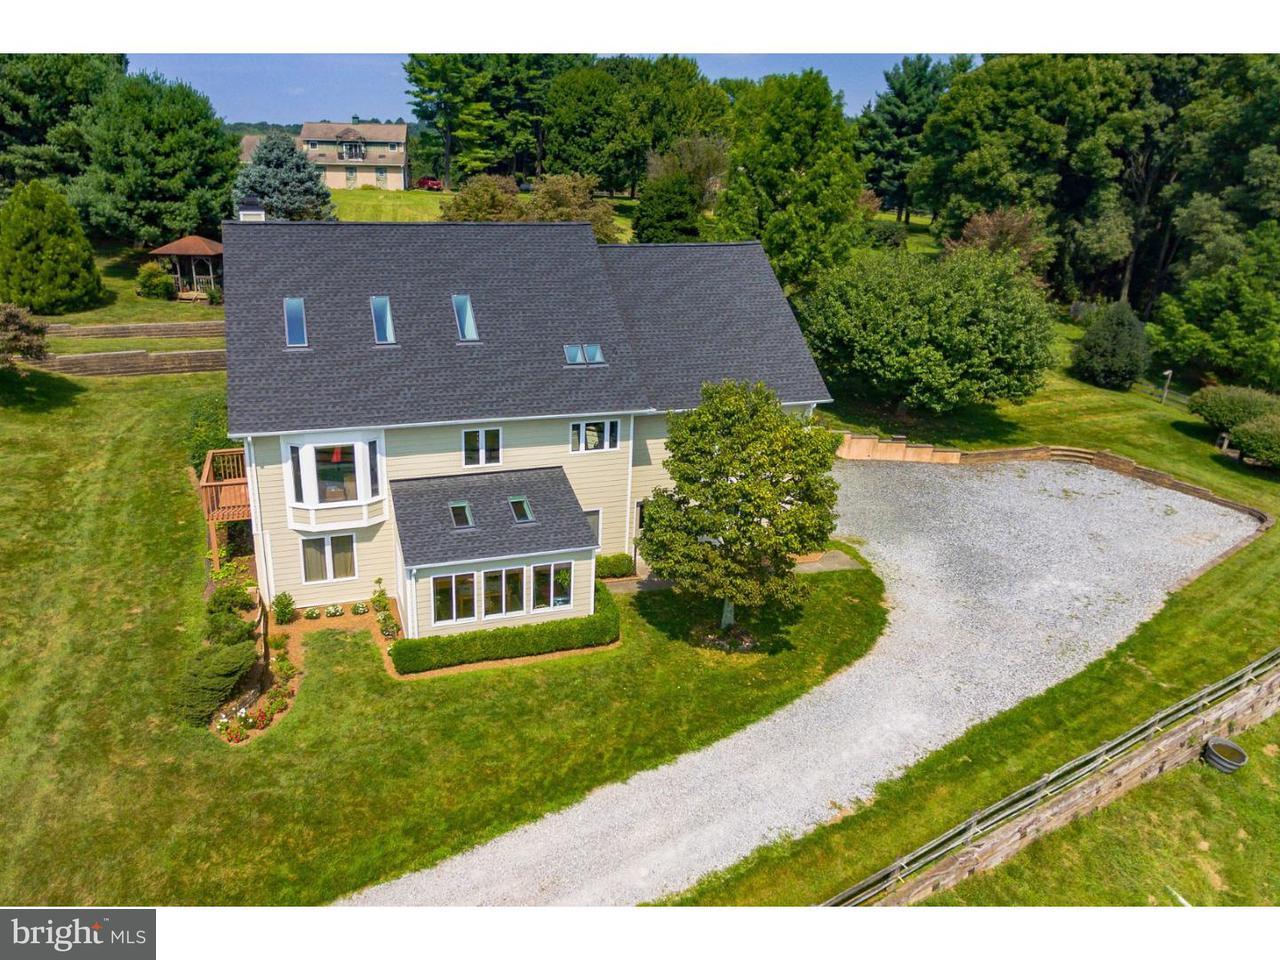 Частный односемейный дом для того Продажа на 8 SPRINGLEA Lane Chester Springs, Пенсильвания 19425 Соединенные Штаты